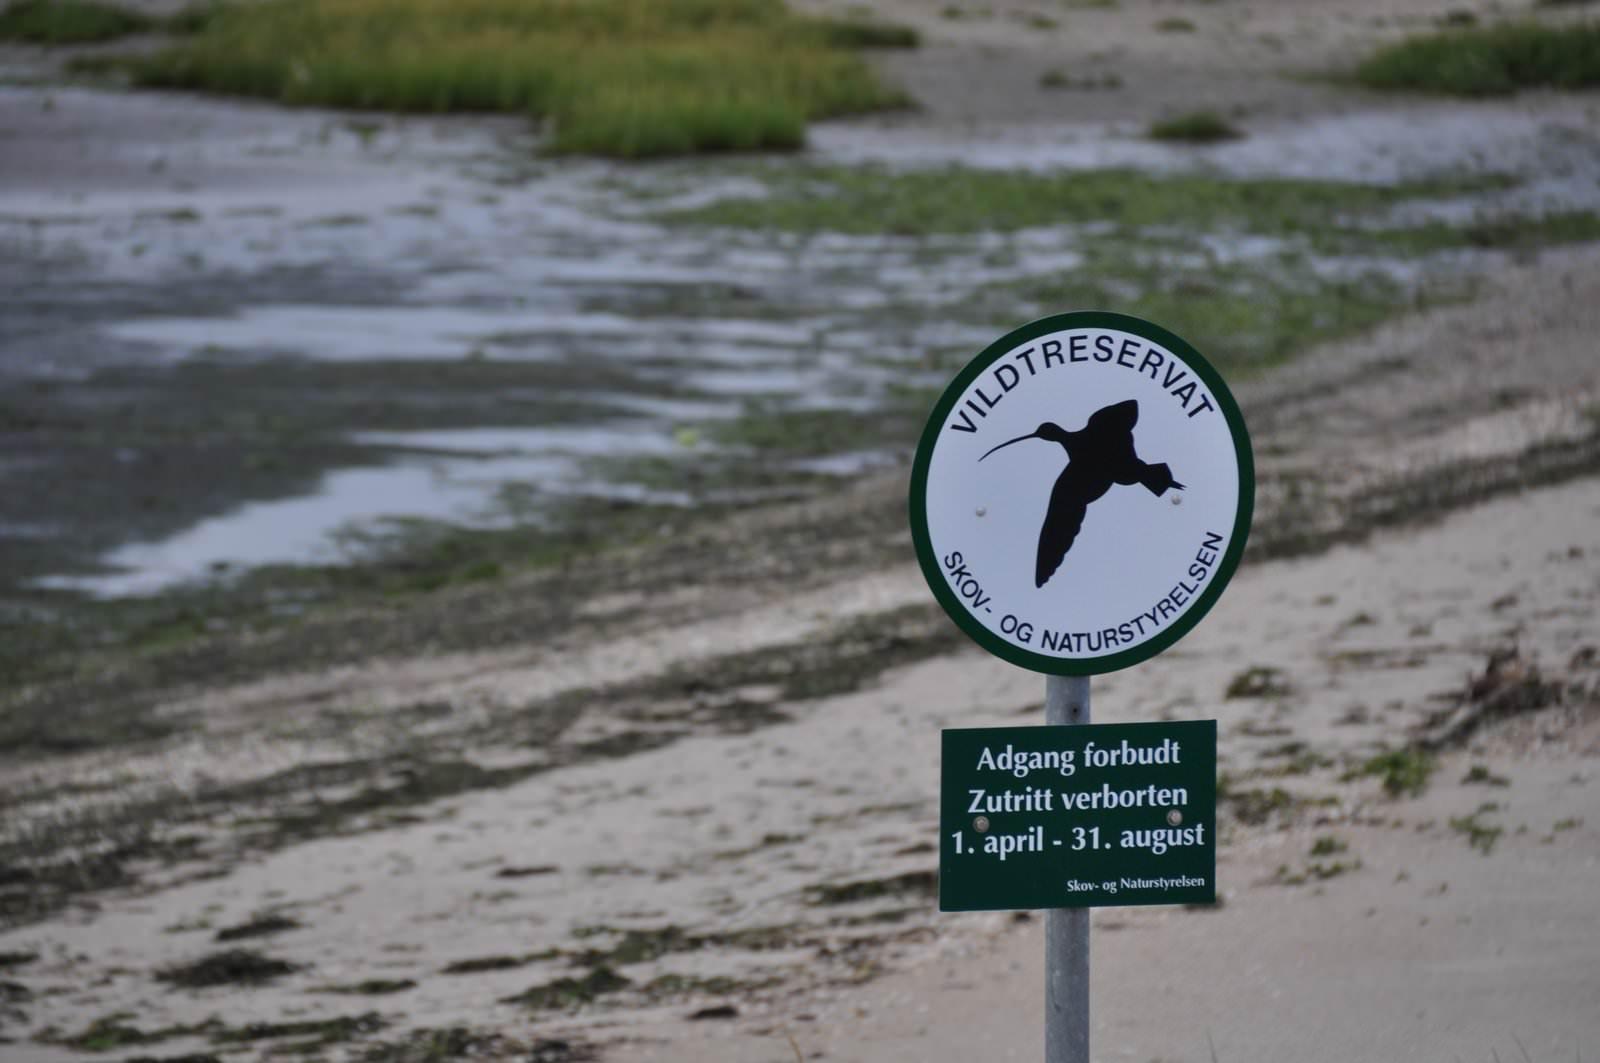 Wildreservat